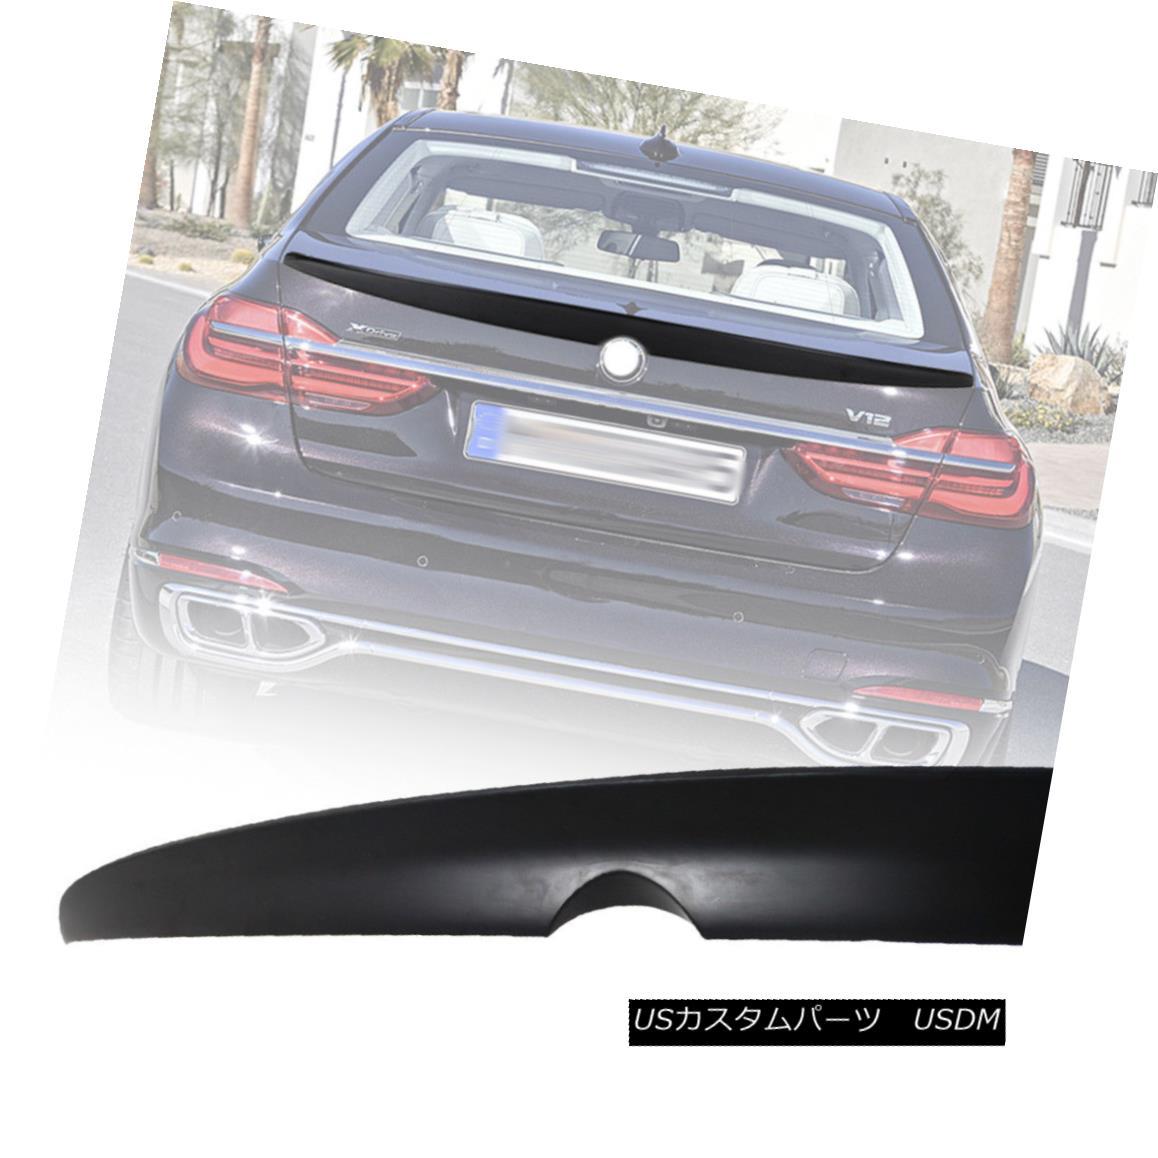 エアロパーツ One Day Ship- BMW 7 Series G11 Sedan A Style Rear Trunk Spoiler Wing Unpaint 1日出荷 - BMW 7シリーズG11セダンAスタイルリアトランク・スポイラーウイング・アンペイント